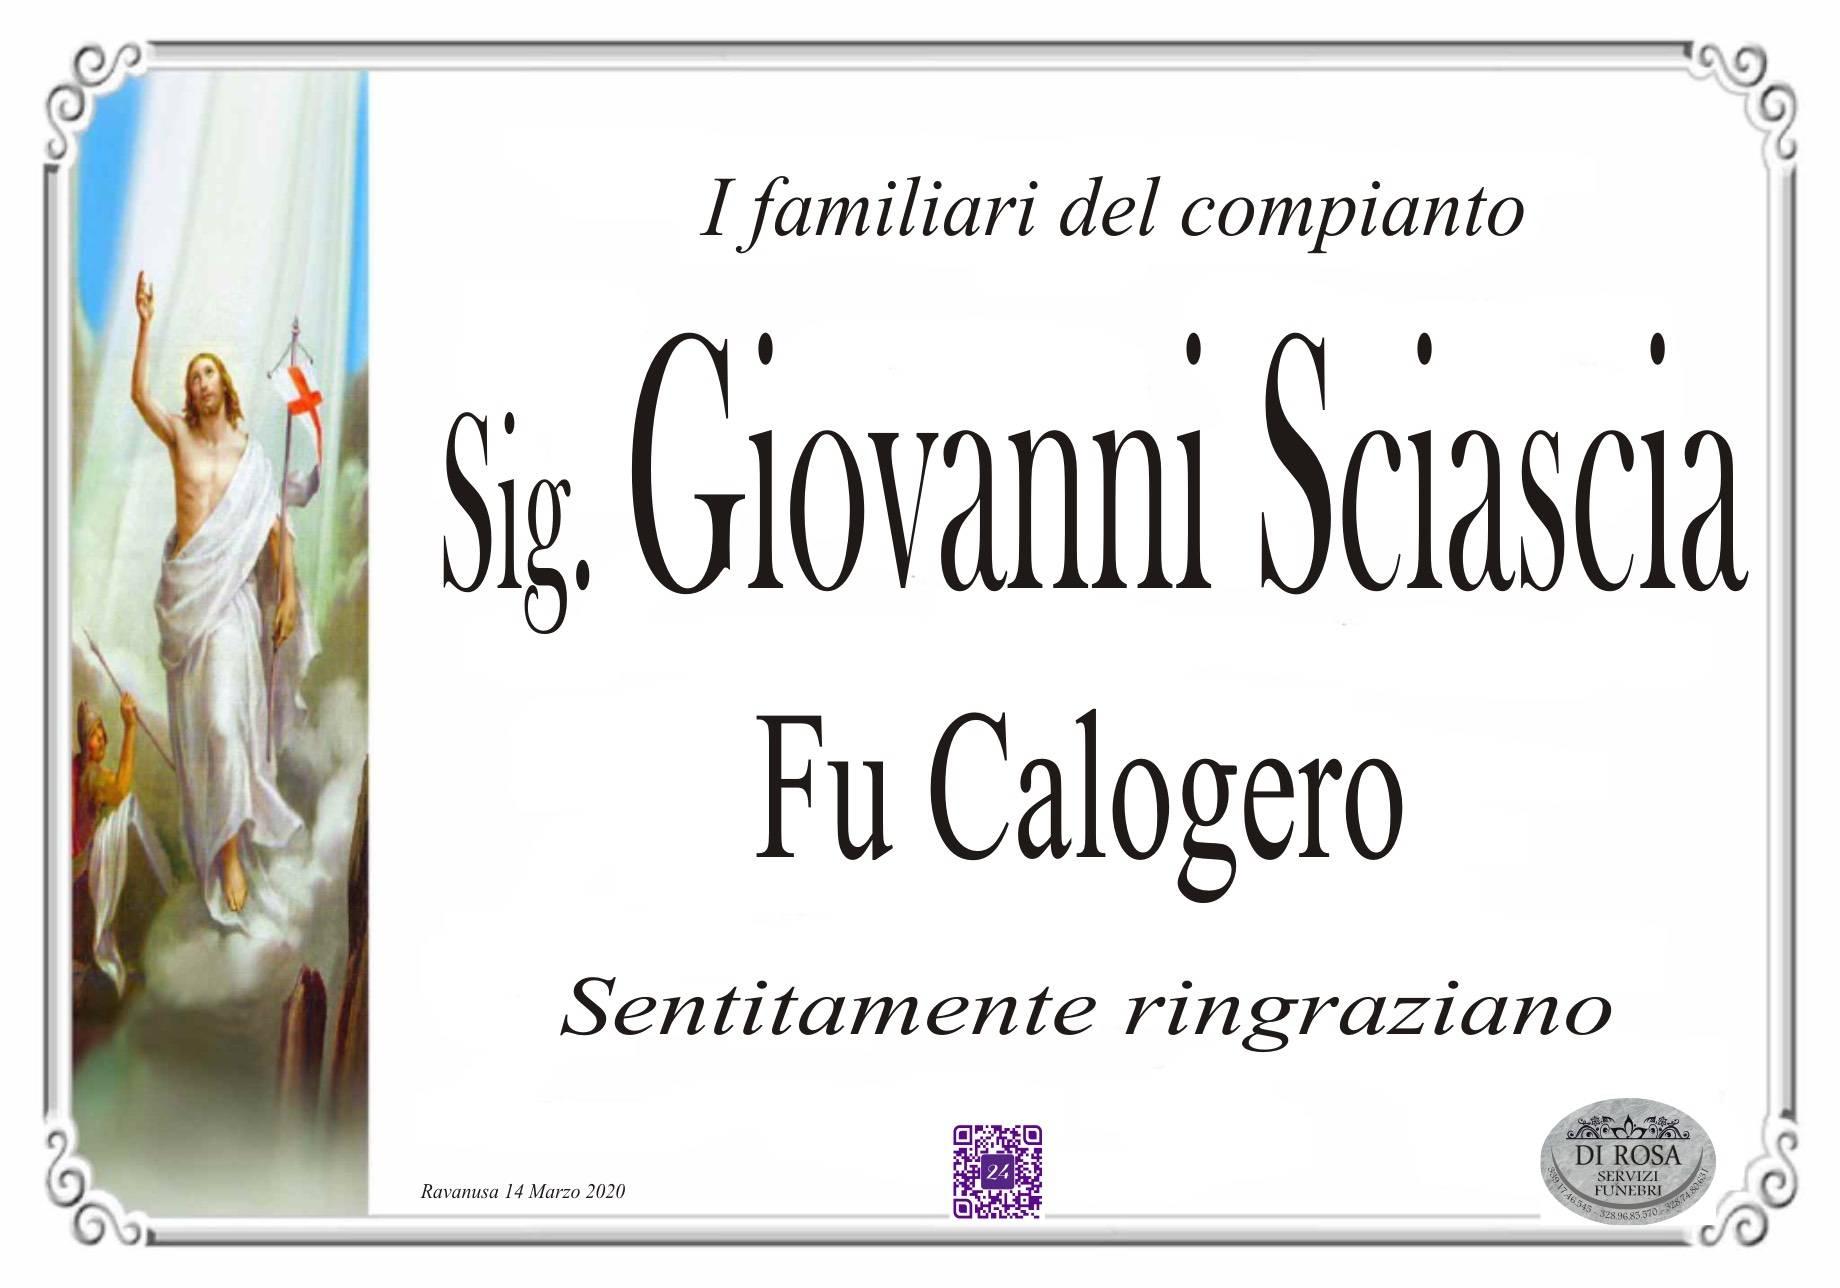 Giovanni Sciascia